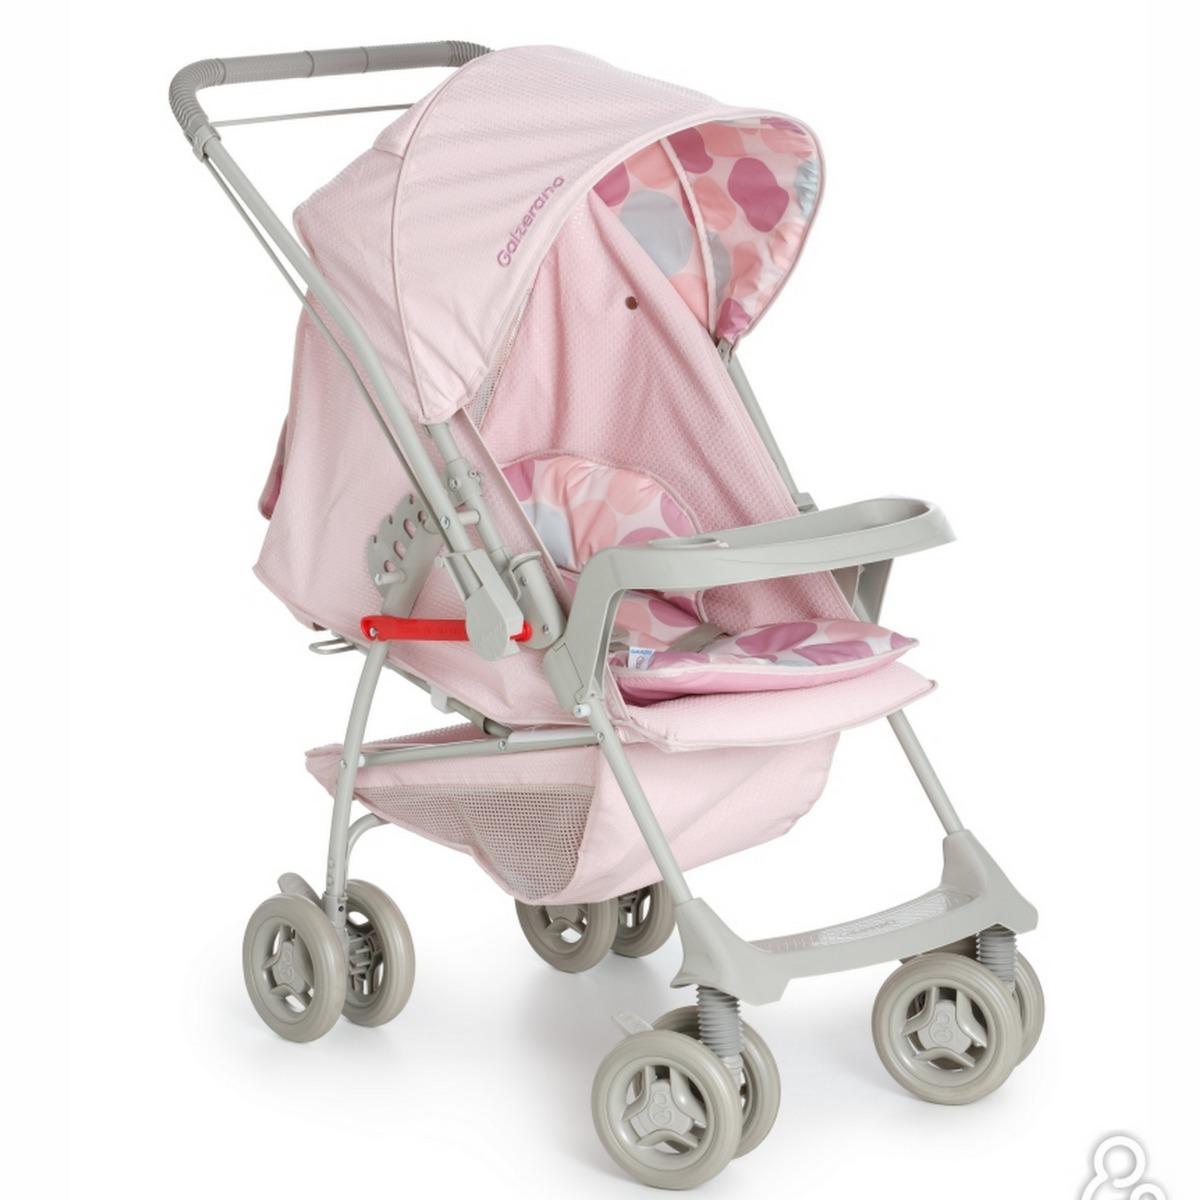 048762e33b carrinho bebe galzerano milano reversivel ii rosa1016rob. Carregando zoom.